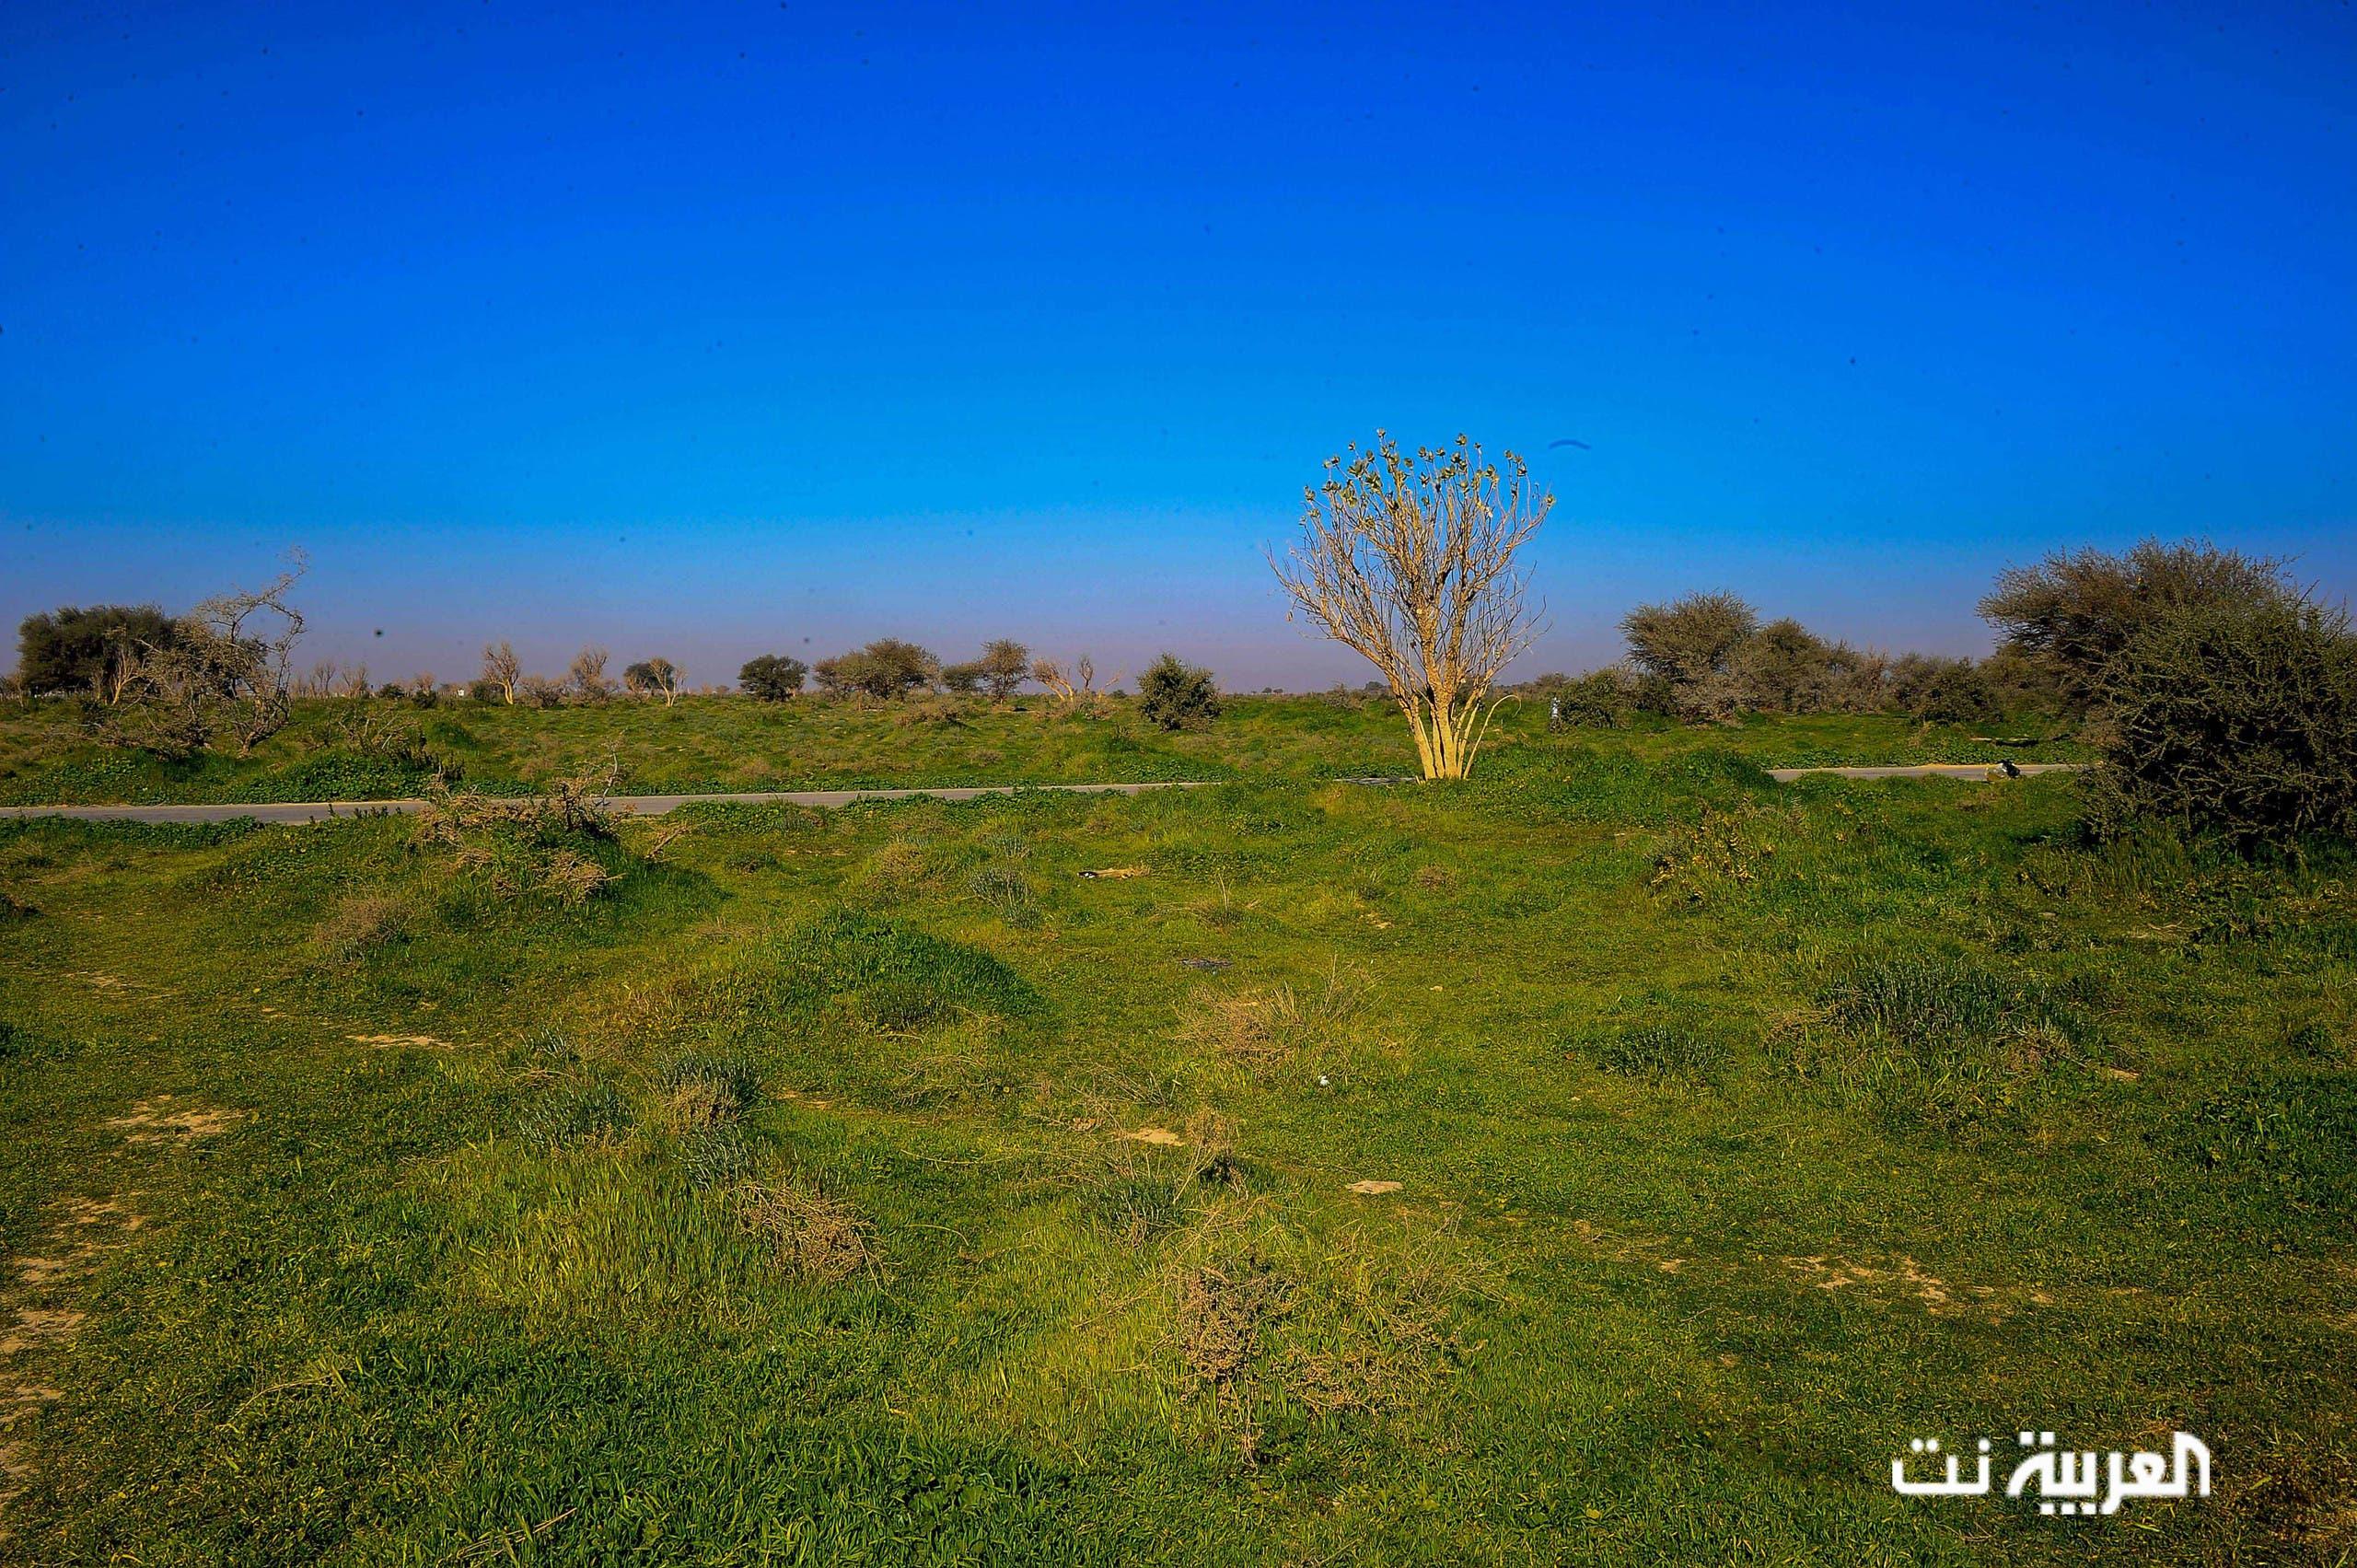 تصوير ظافر البكري